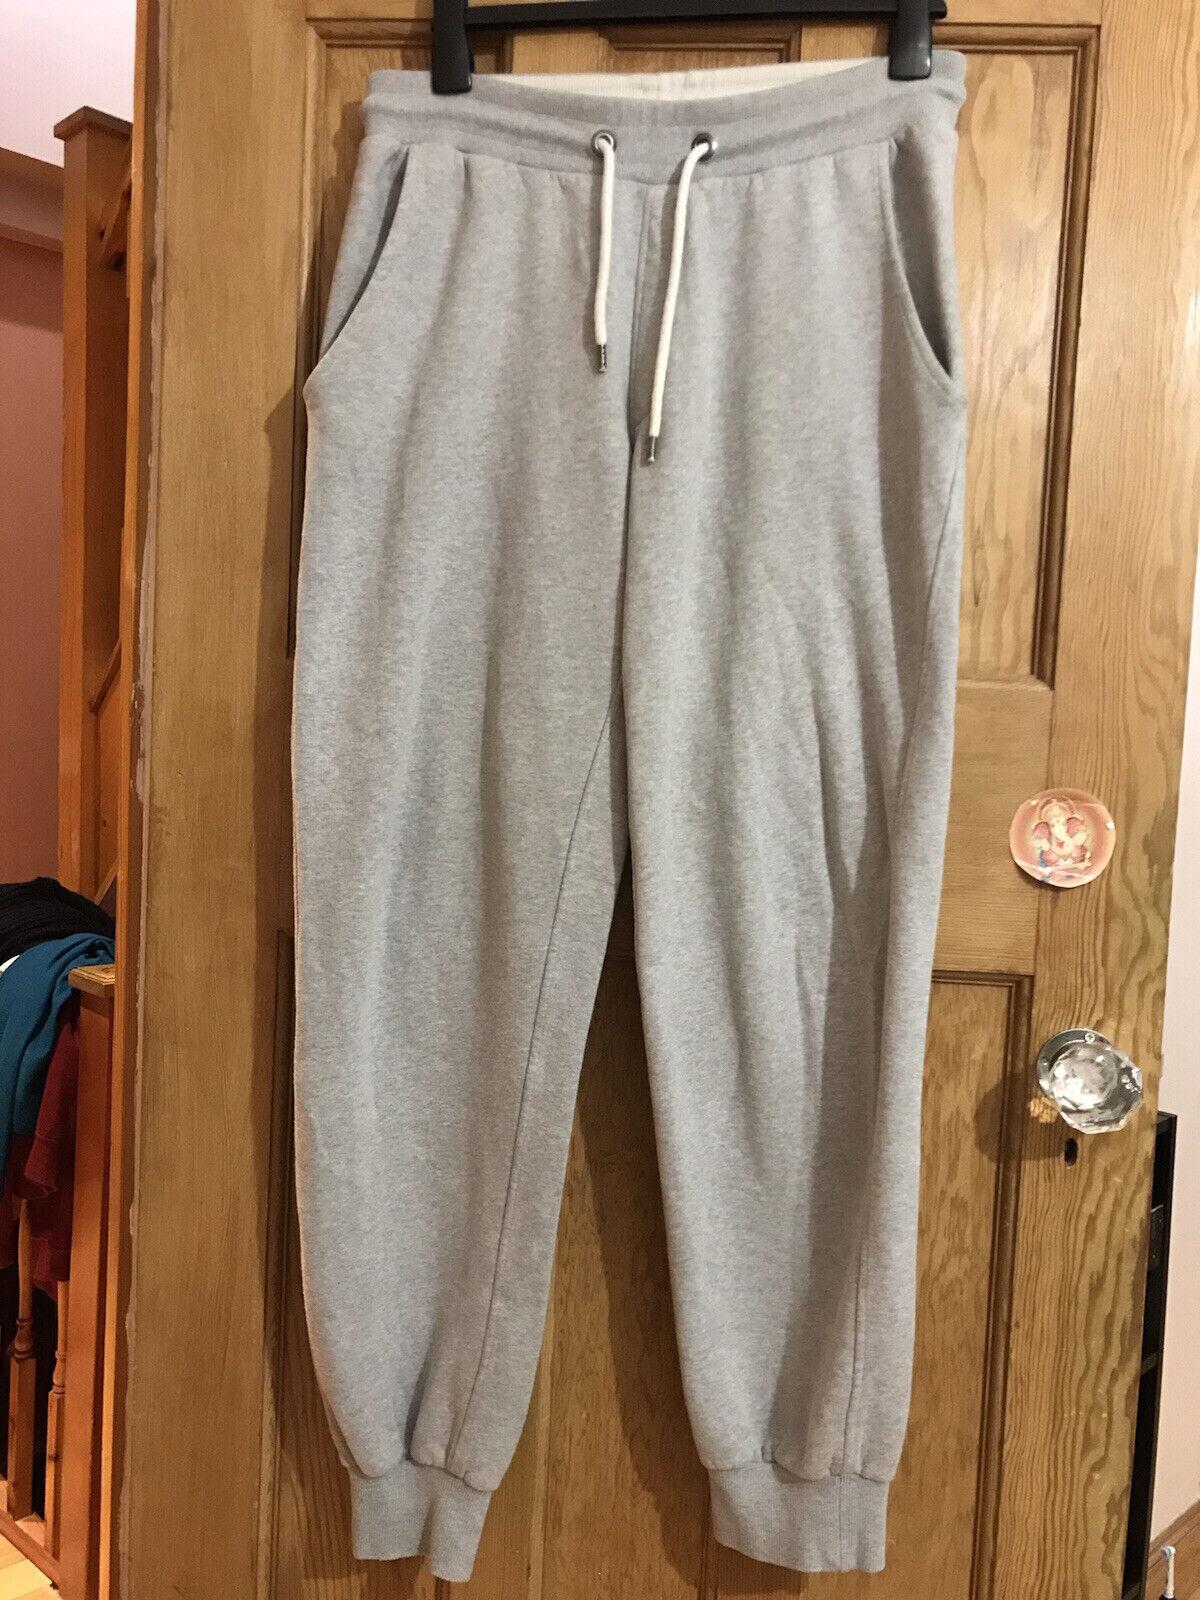 Espirit Mens Grey Joggers Medium Loungewear Gymwear With Tie String